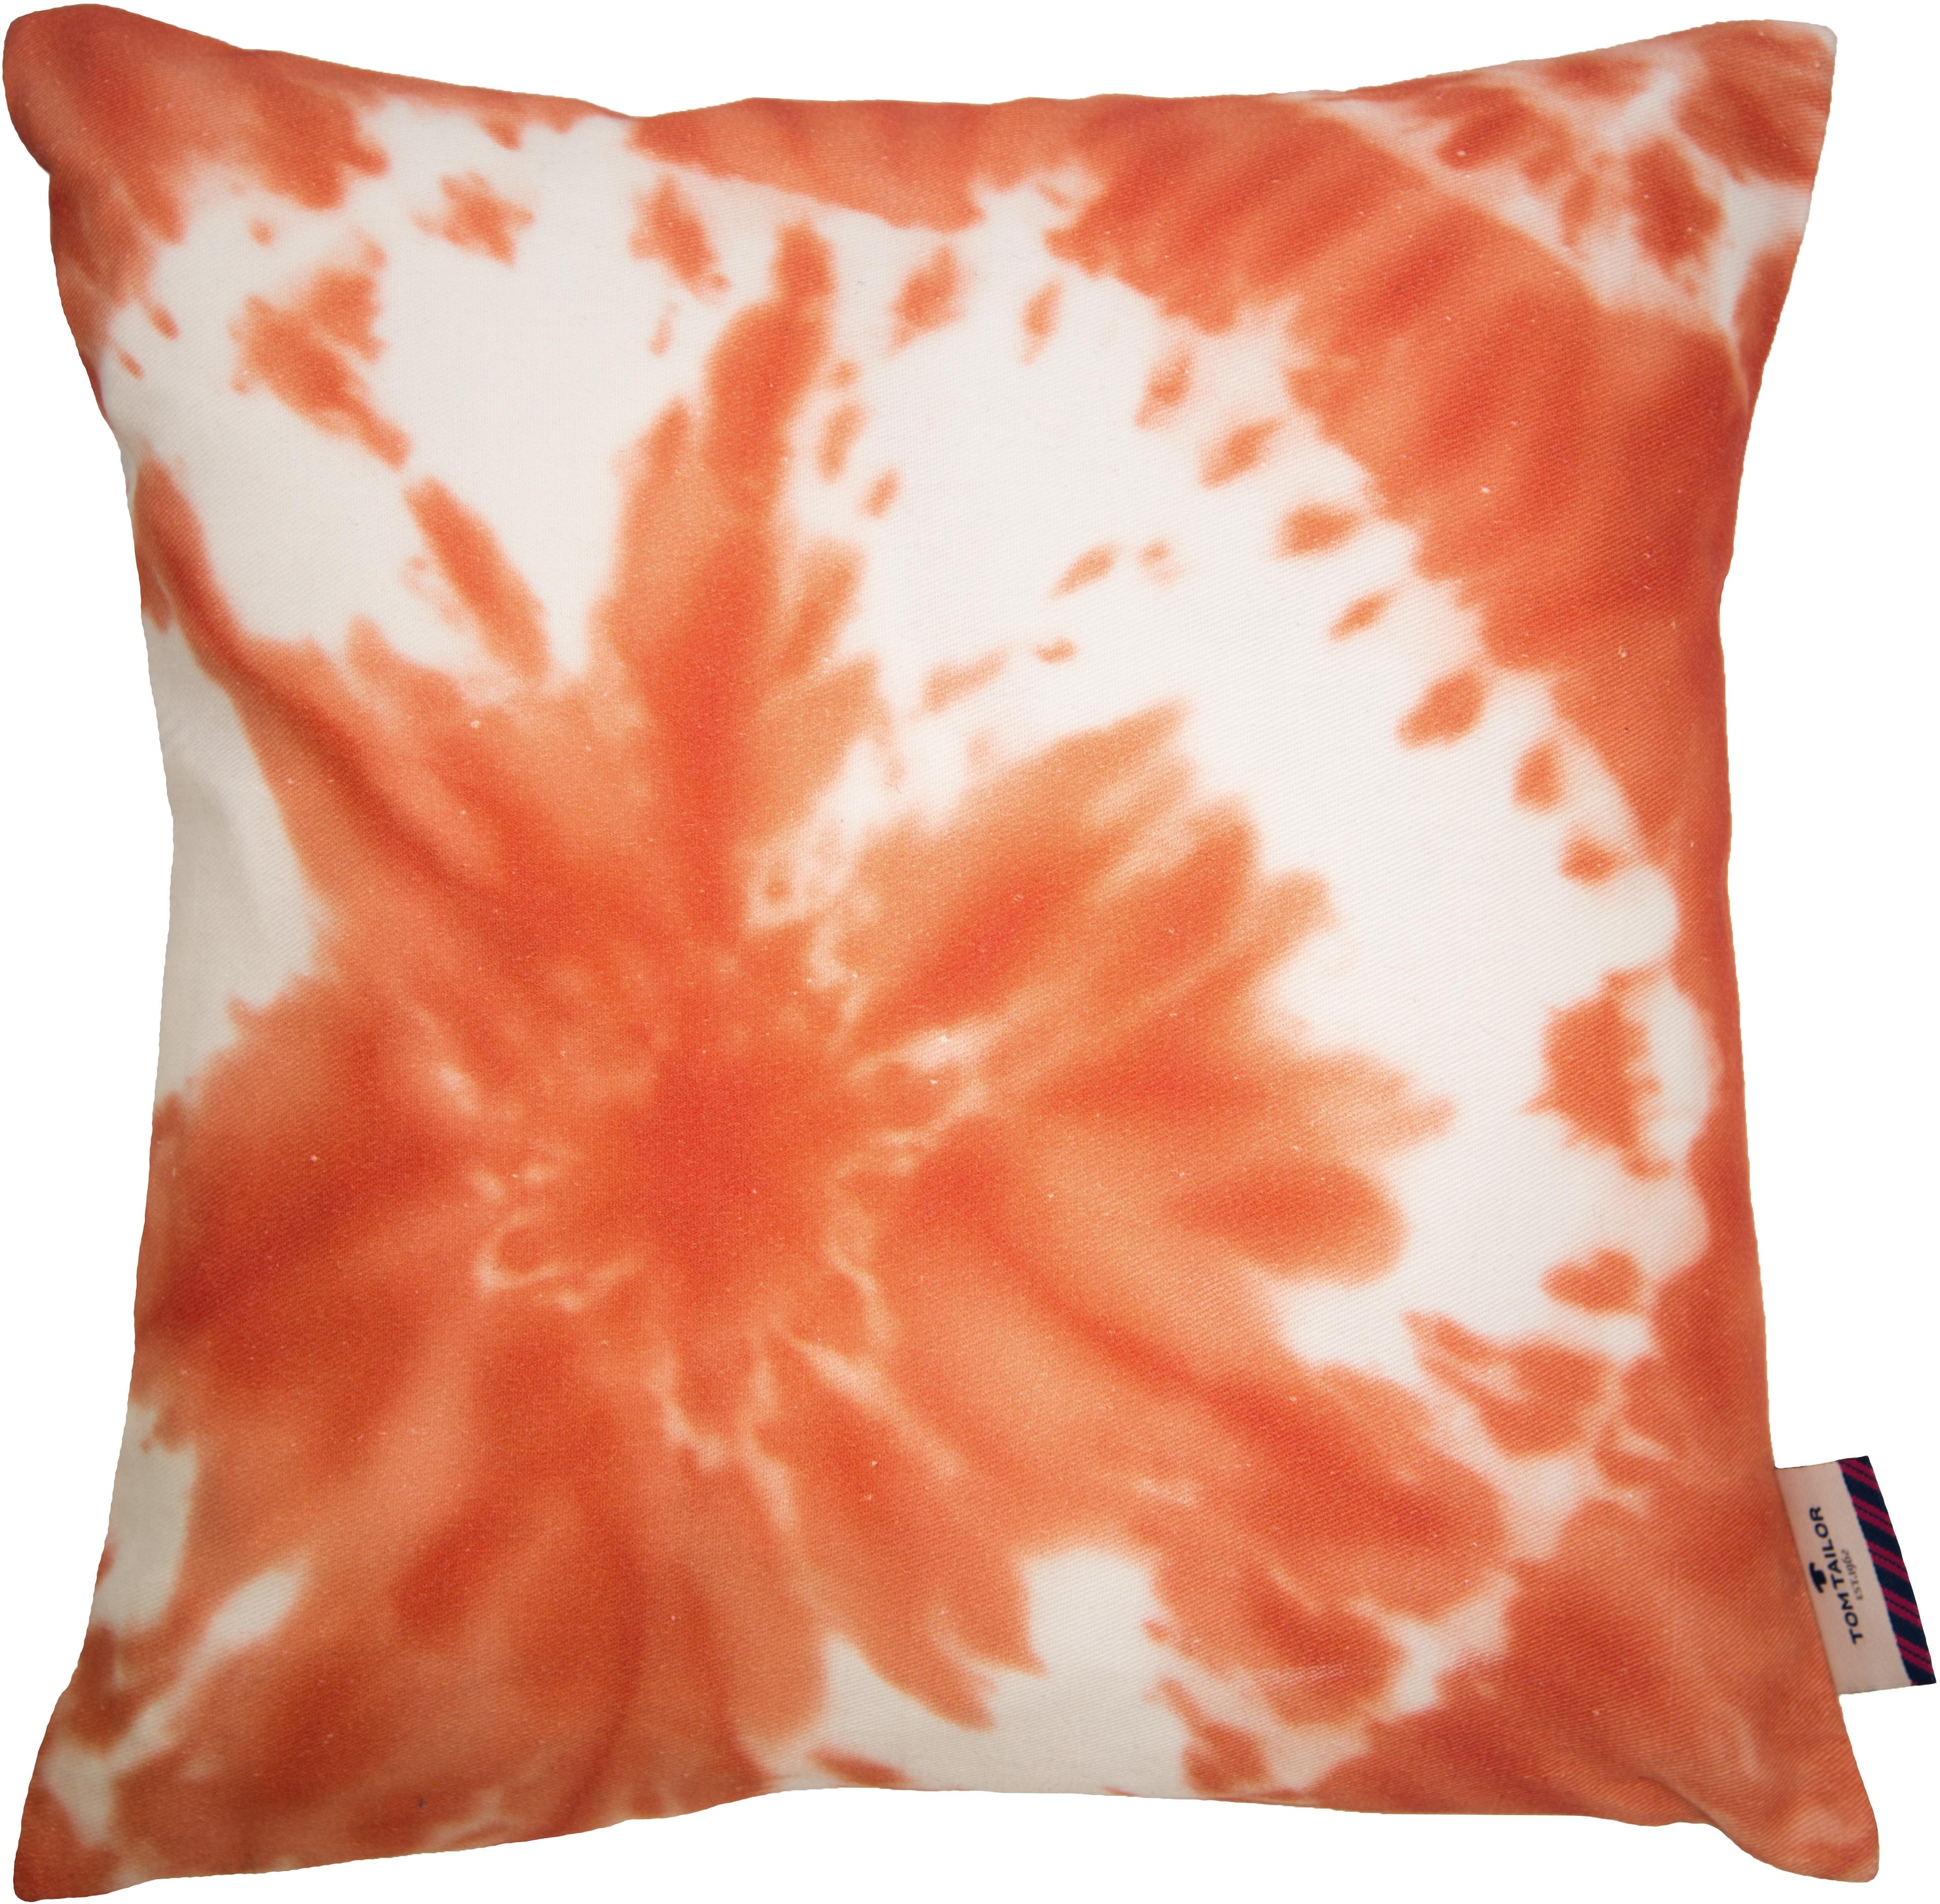 Tom Tailor sierkussen Batic Flower (1 stuk) voordelig en veilig online kopen